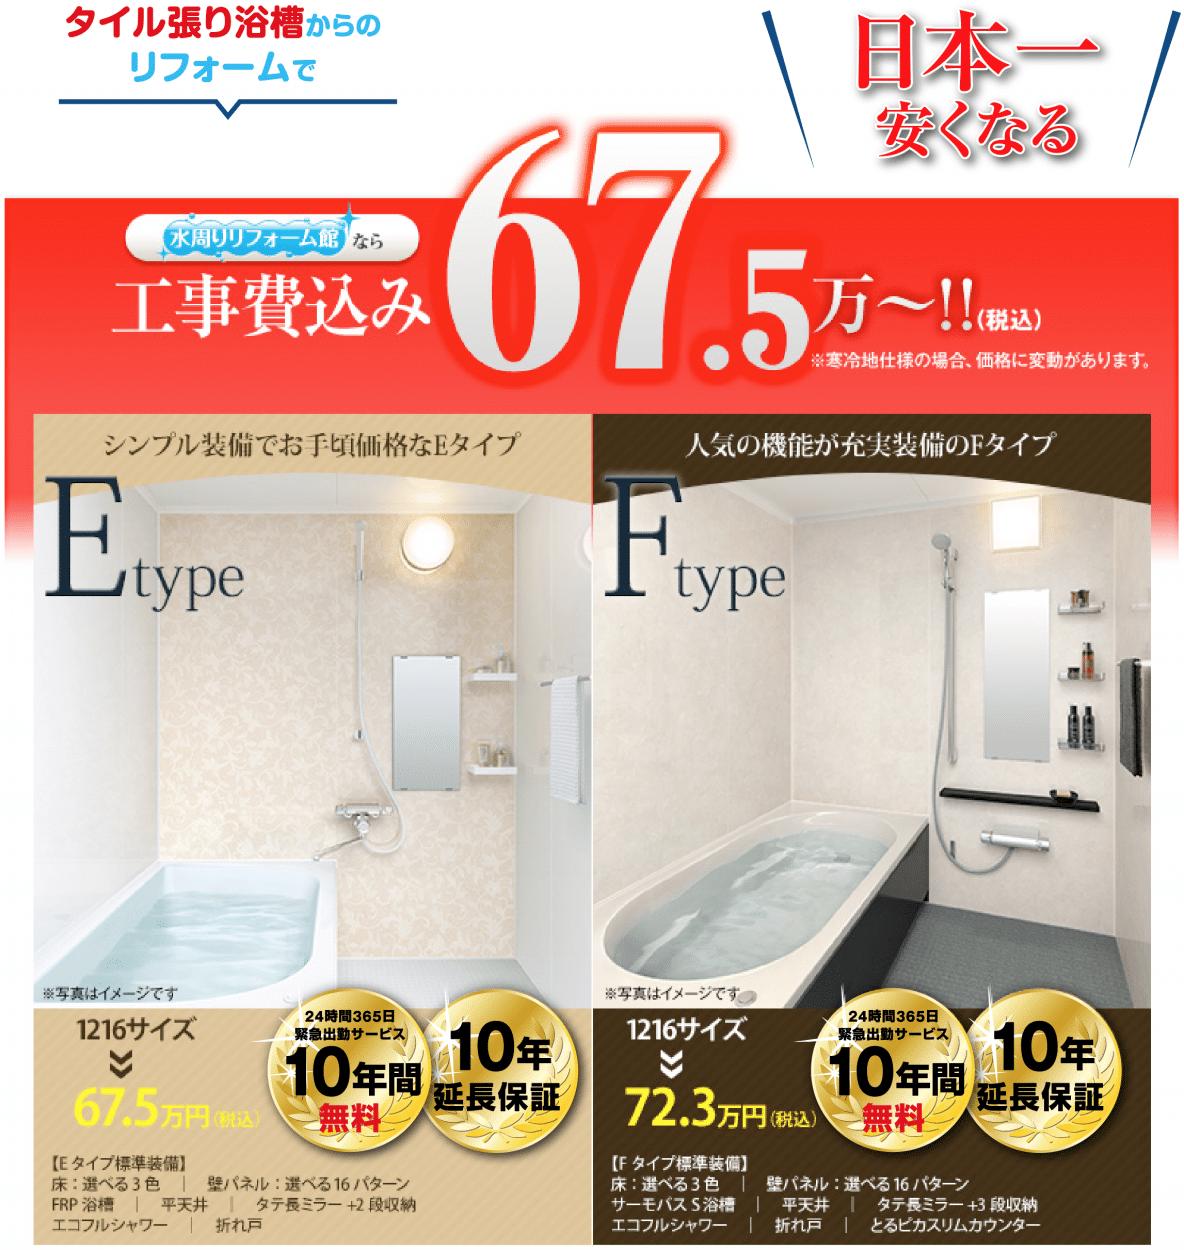 LIXILのマンション浴室RENOBIOが工事費込みで67.5万円